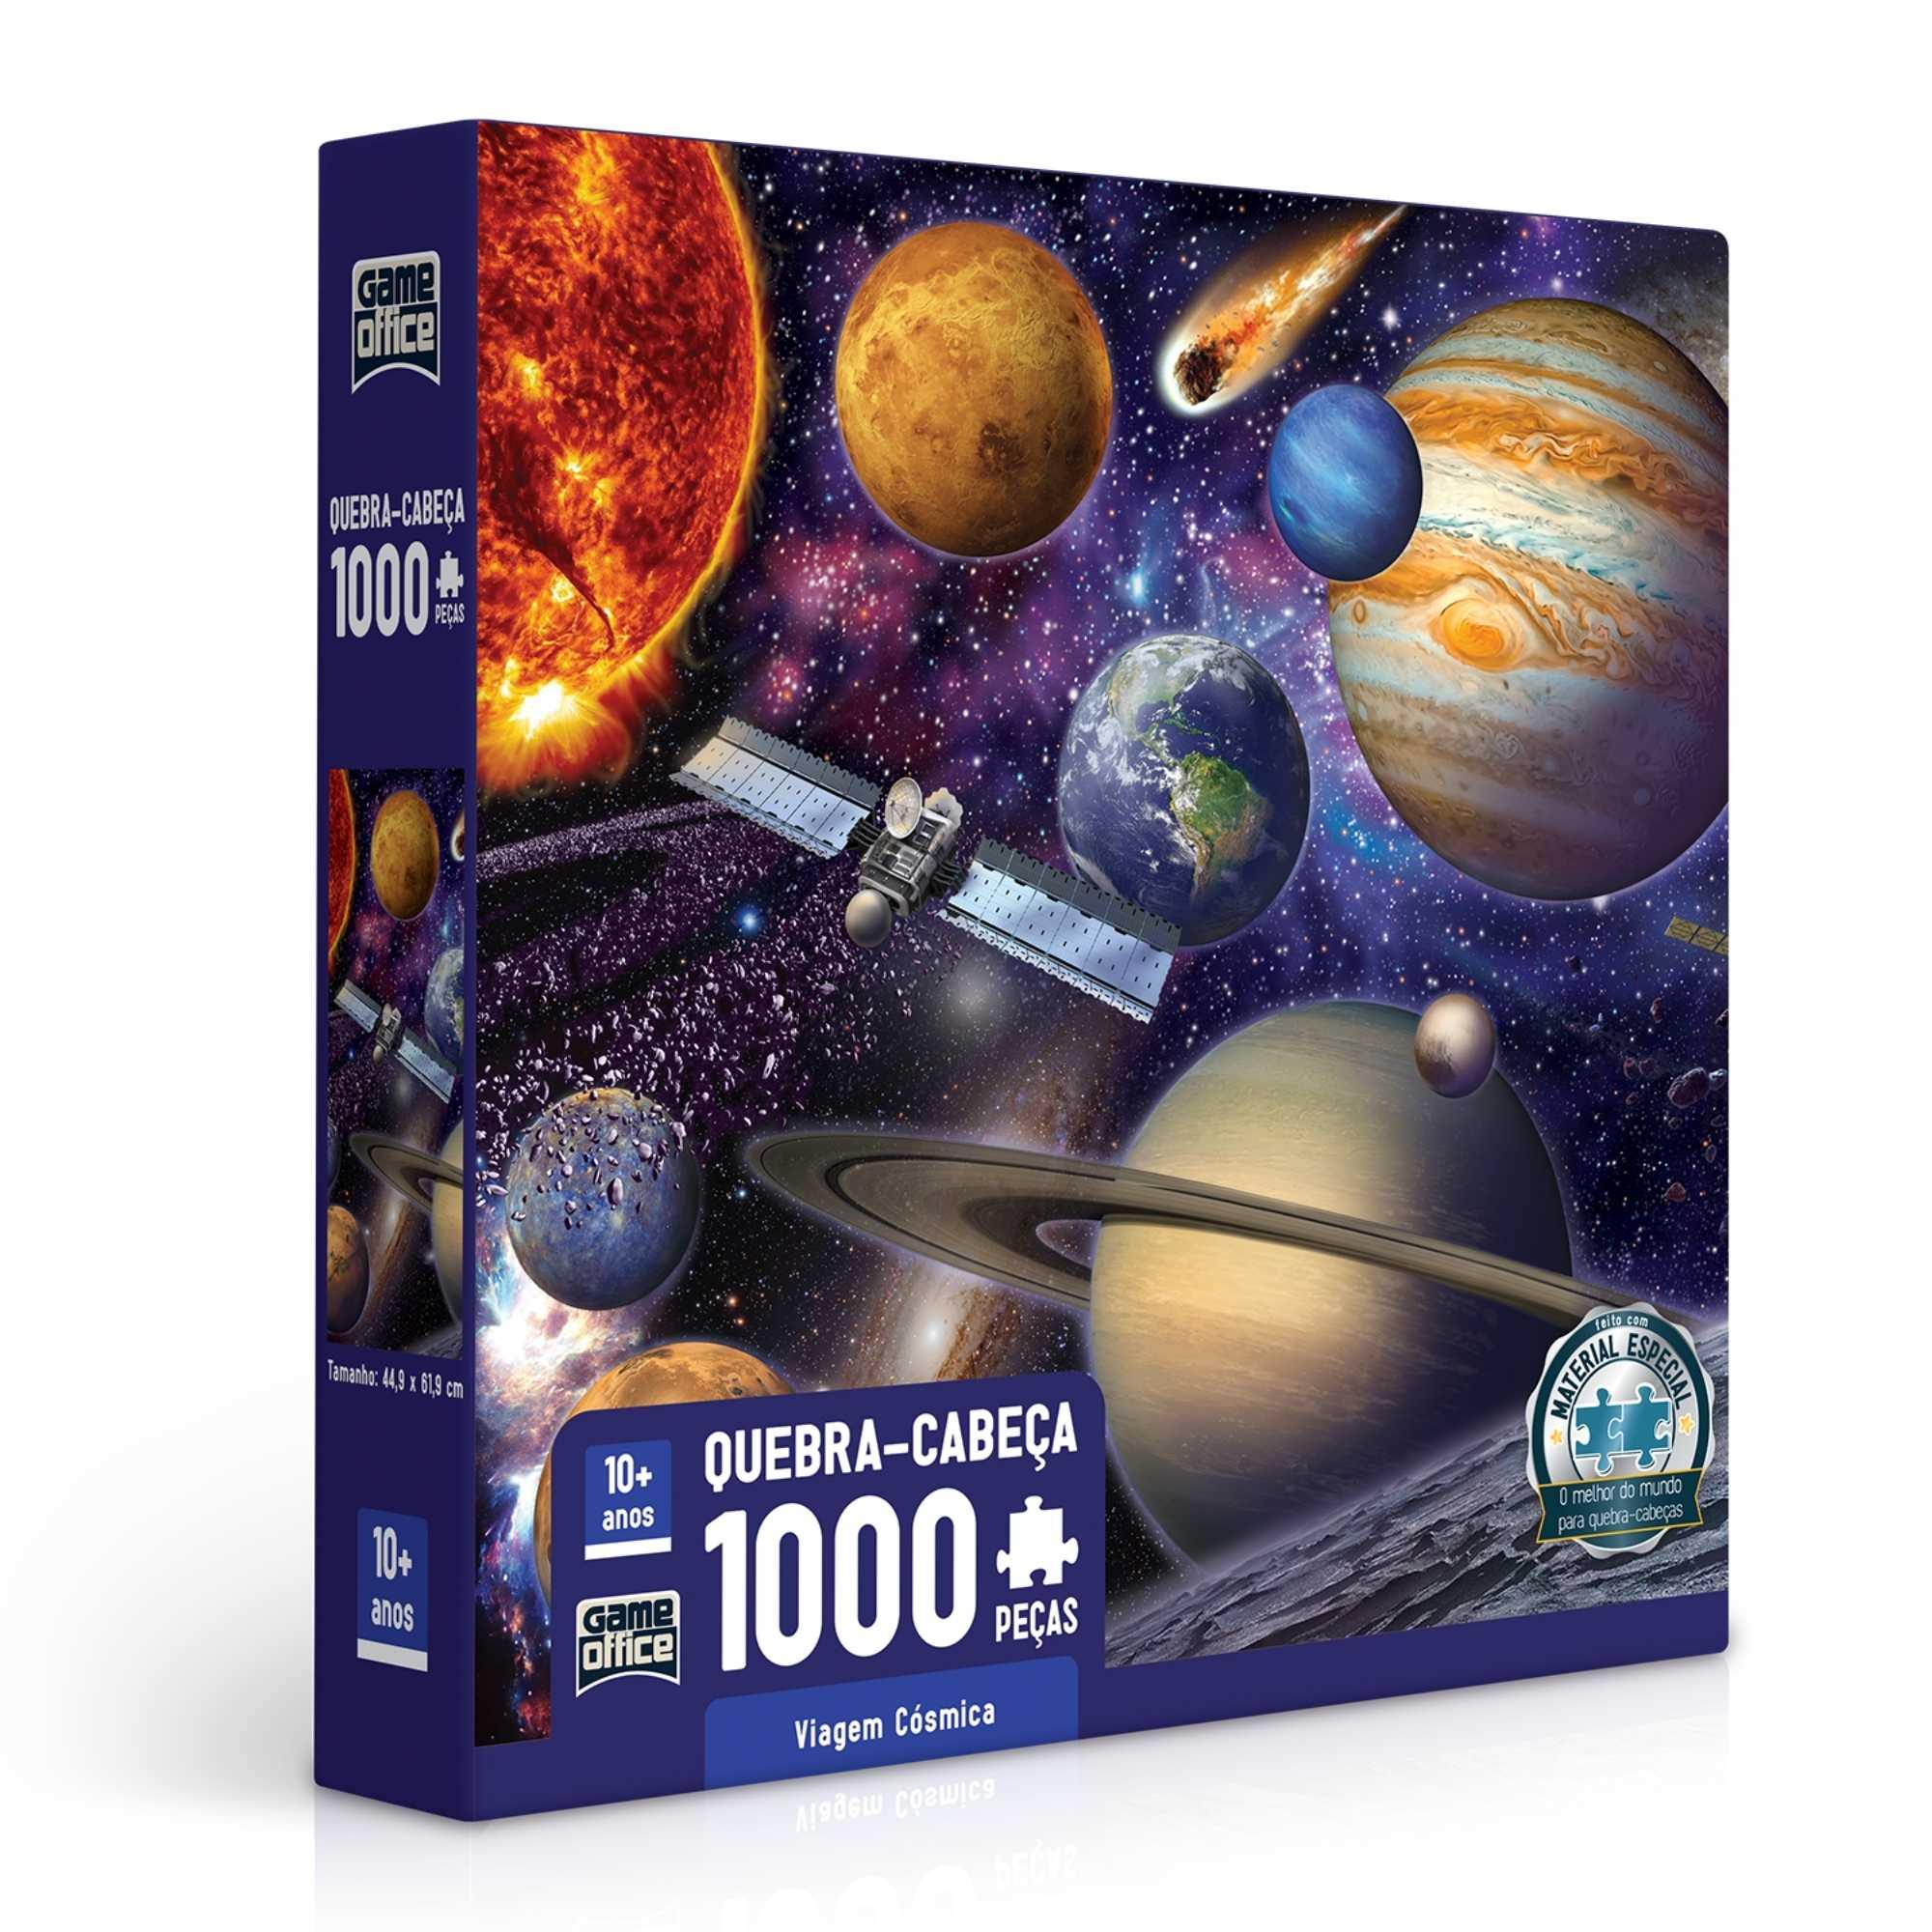 Quebra-Cabeça Viagem Cósmica 1000 peças - Game Office